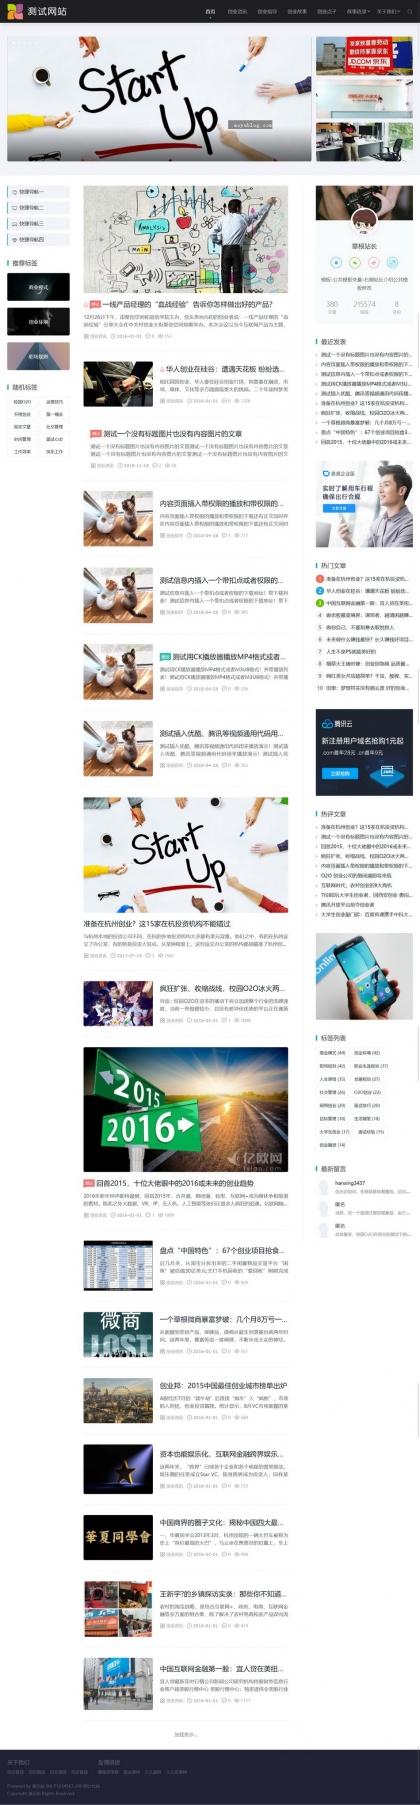 视频收费播放下载新闻资讯门户自适应手机HTML5帝国CMS整站模板-ecms259